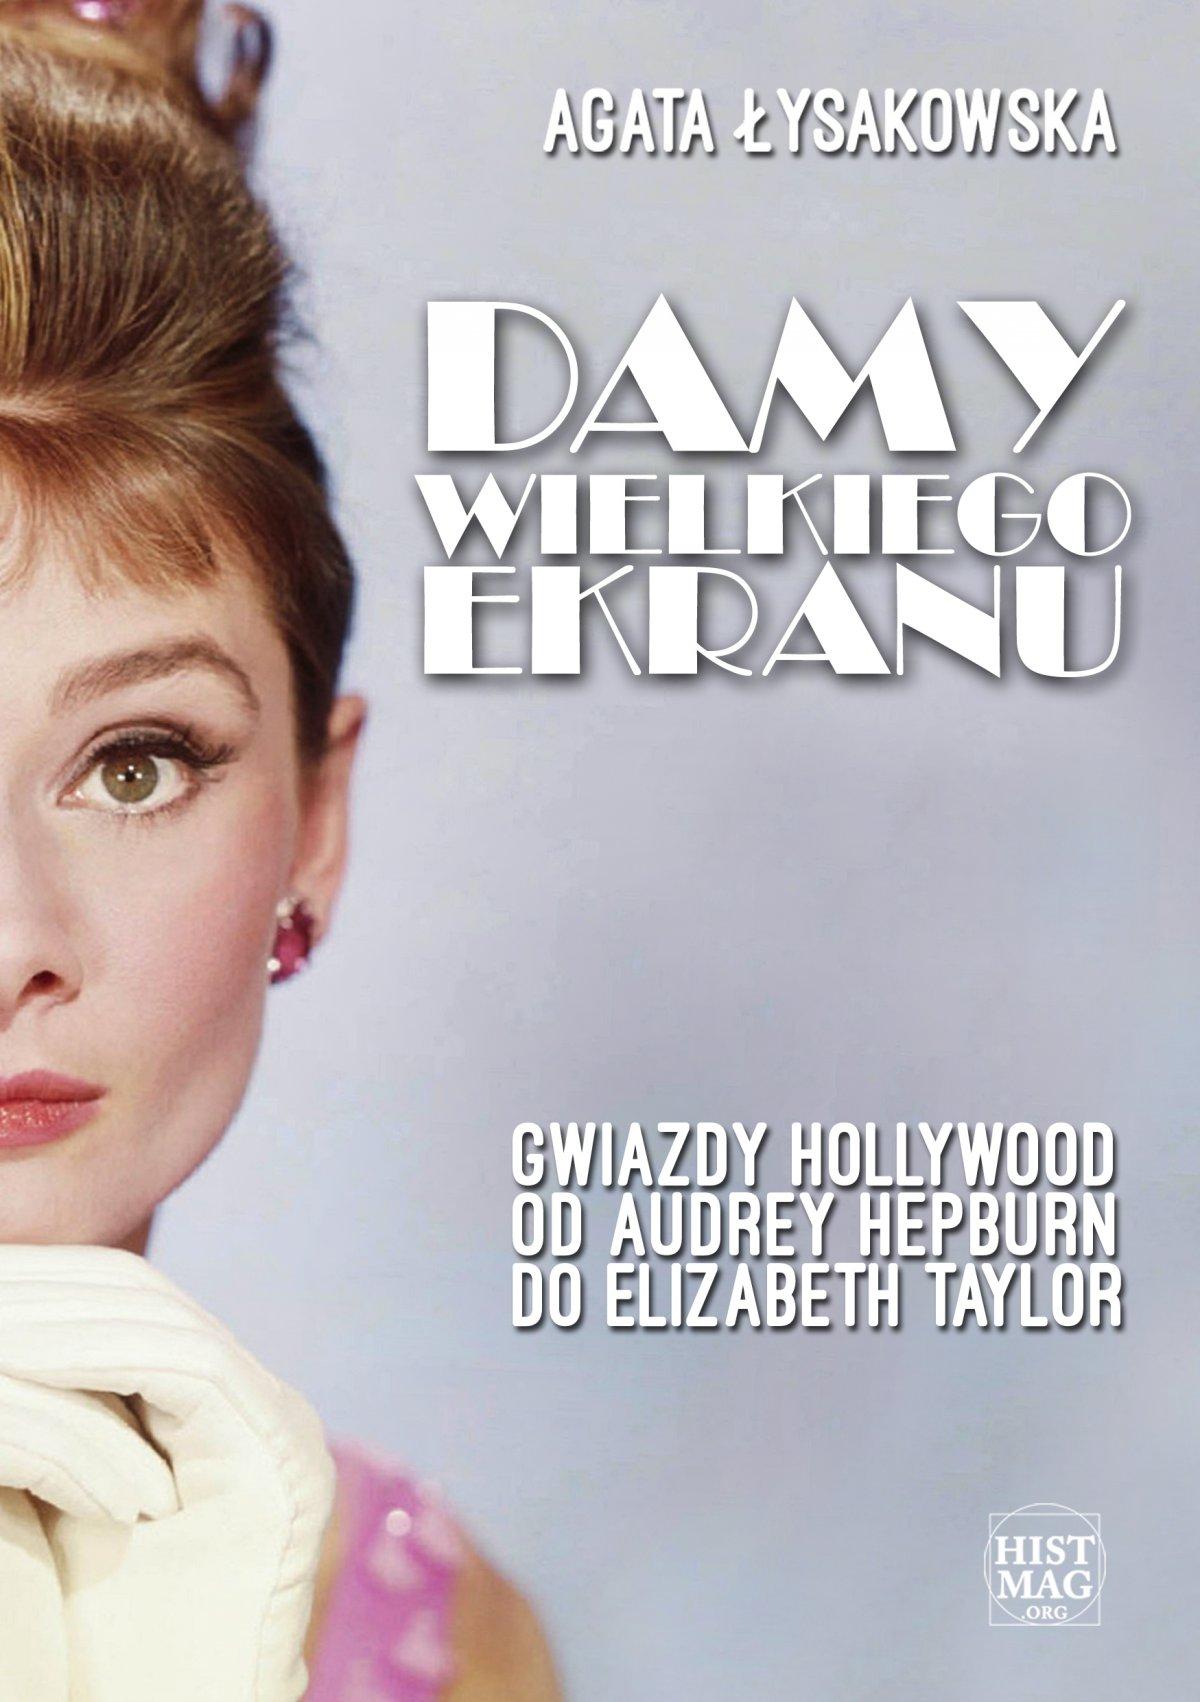 Damy wielkiego ekranu: Gwiazdy Hollywood od Audrey Hepburn do Elizabeth Taylor - Ebook (Książka EPUB) do pobrania w formacie EPUB